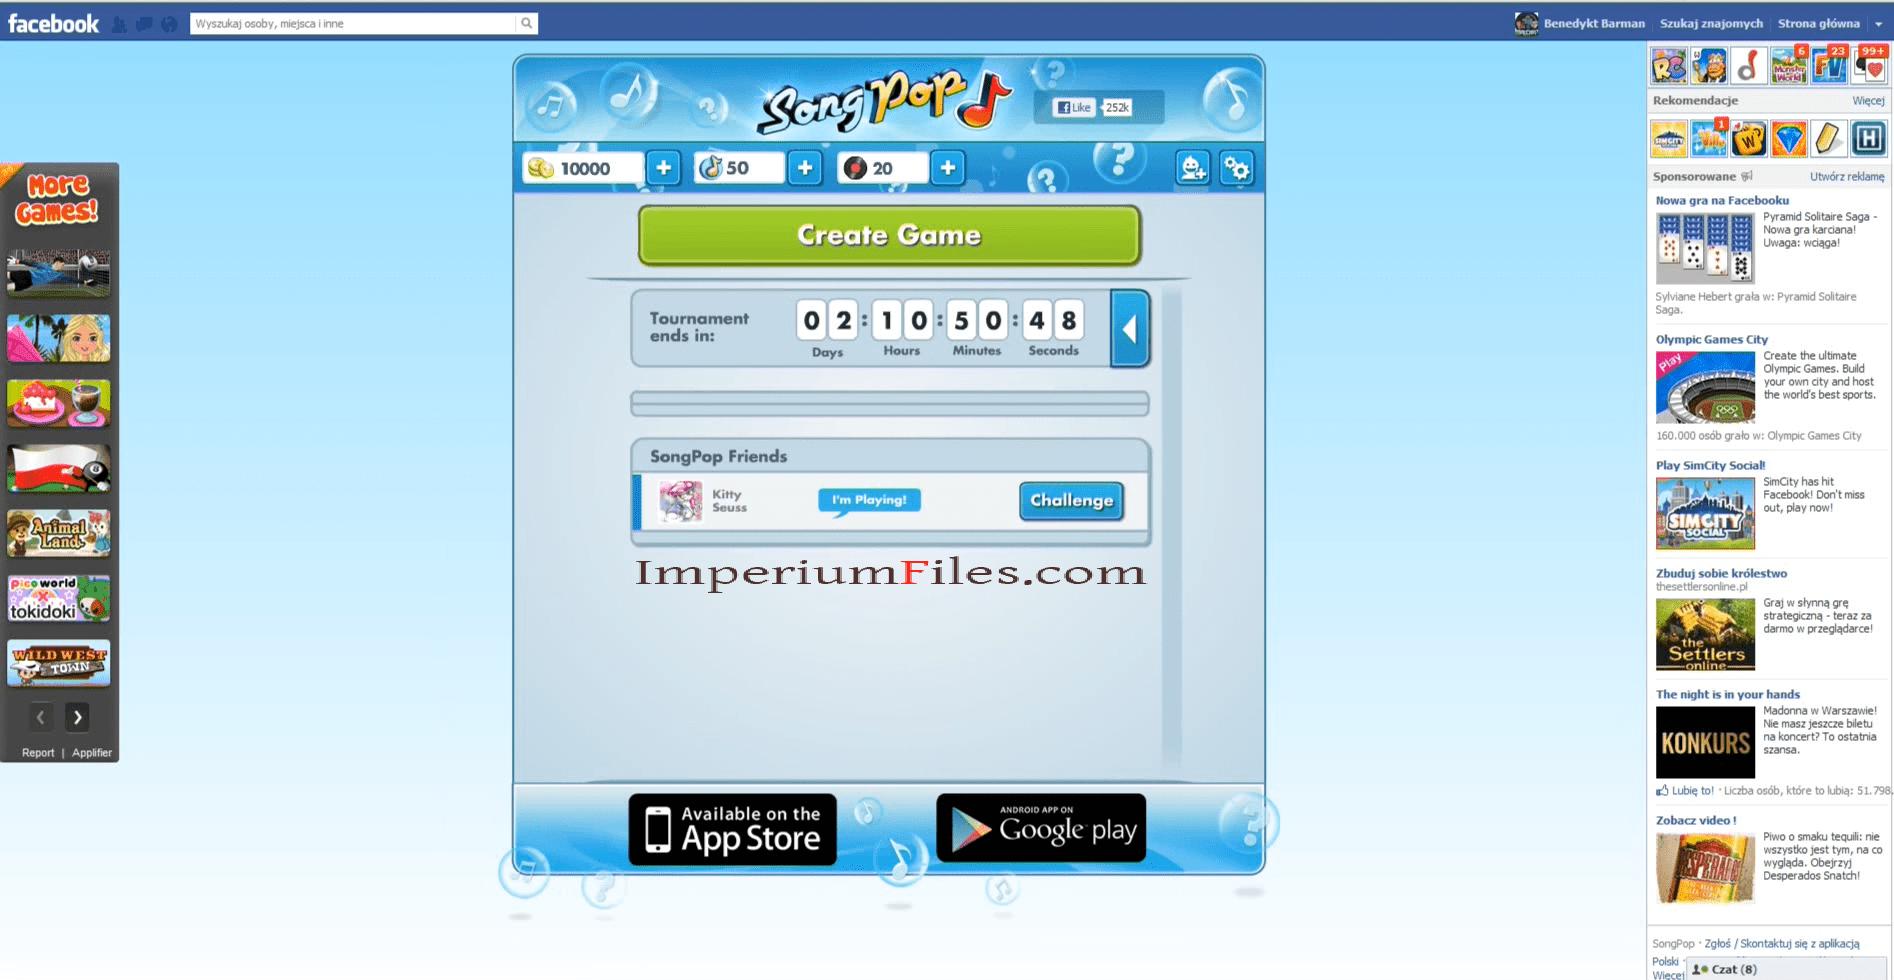 songpop aplicativo para facebook, iphone e android